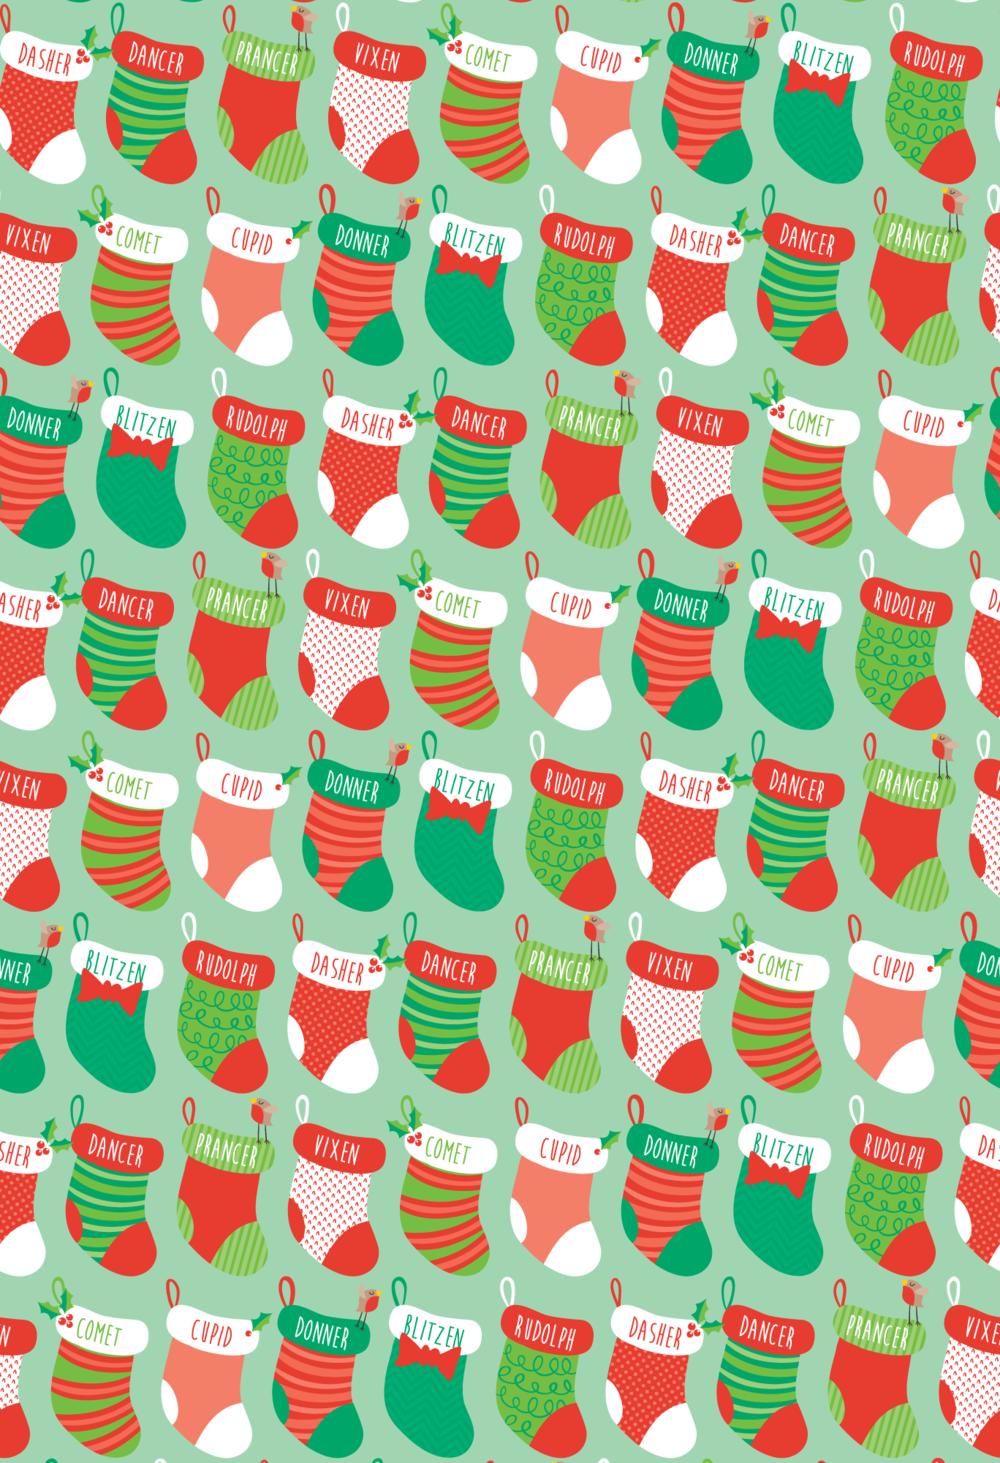 GB382-Reindeer-Stockings.png